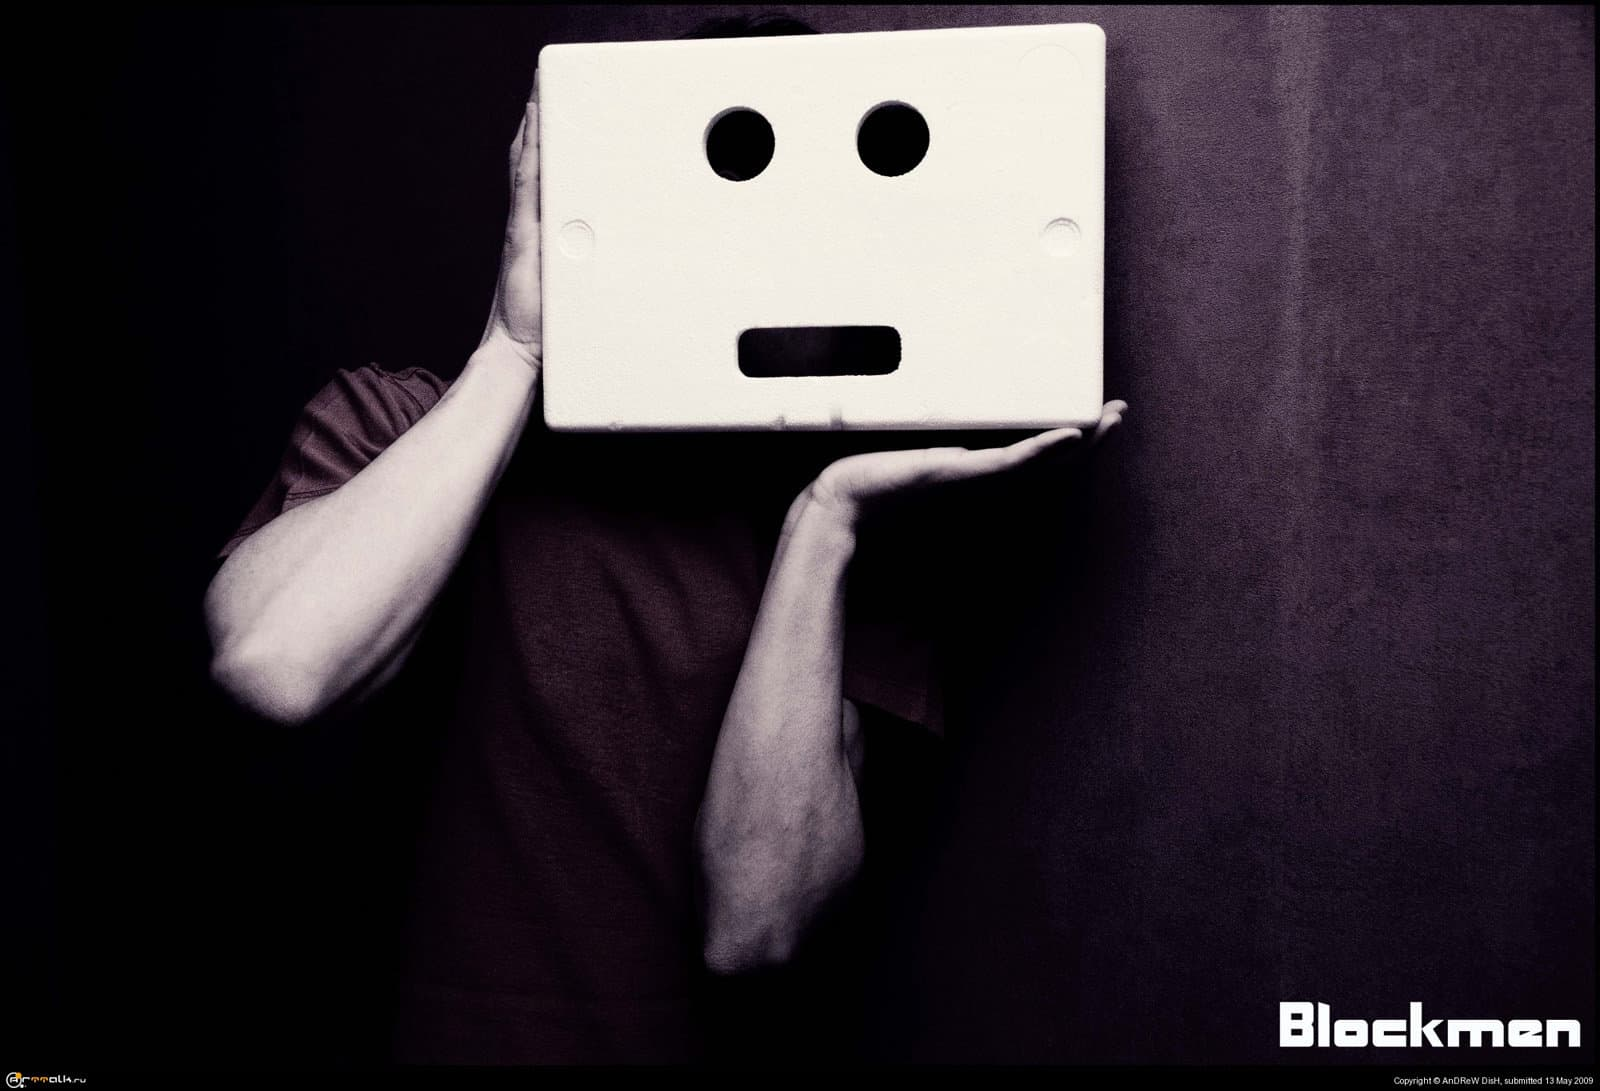 Blockmen